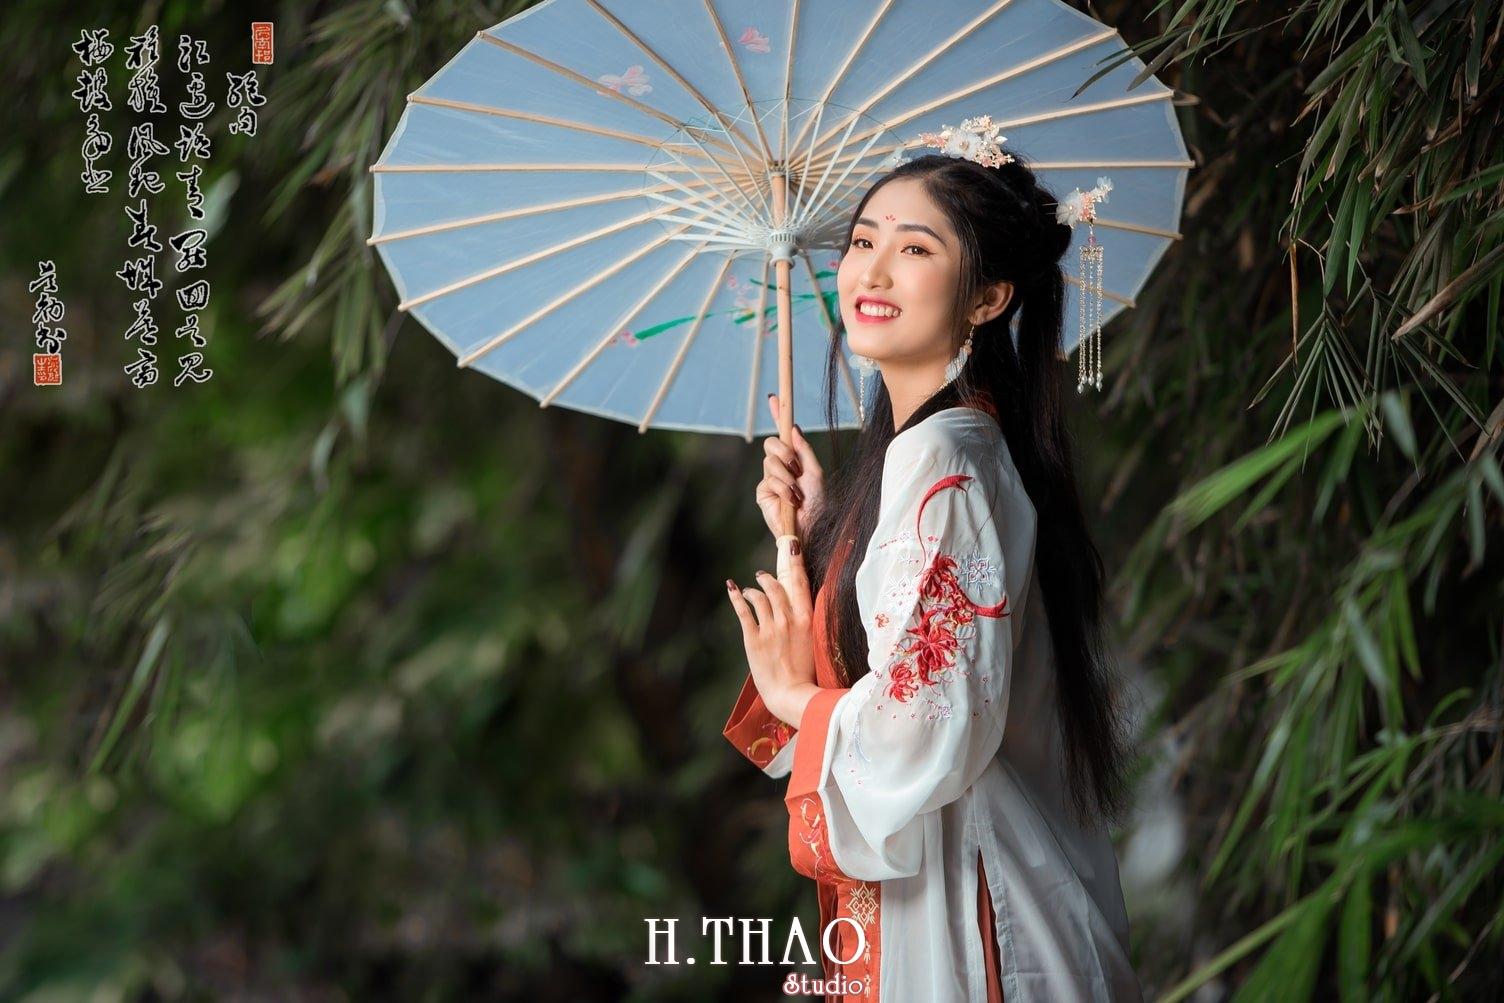 Anh co trang nu 4 - Báo giá chụp ảnh cổ trang đẹp độc lạ tại Tp.HCM - HThao Studio